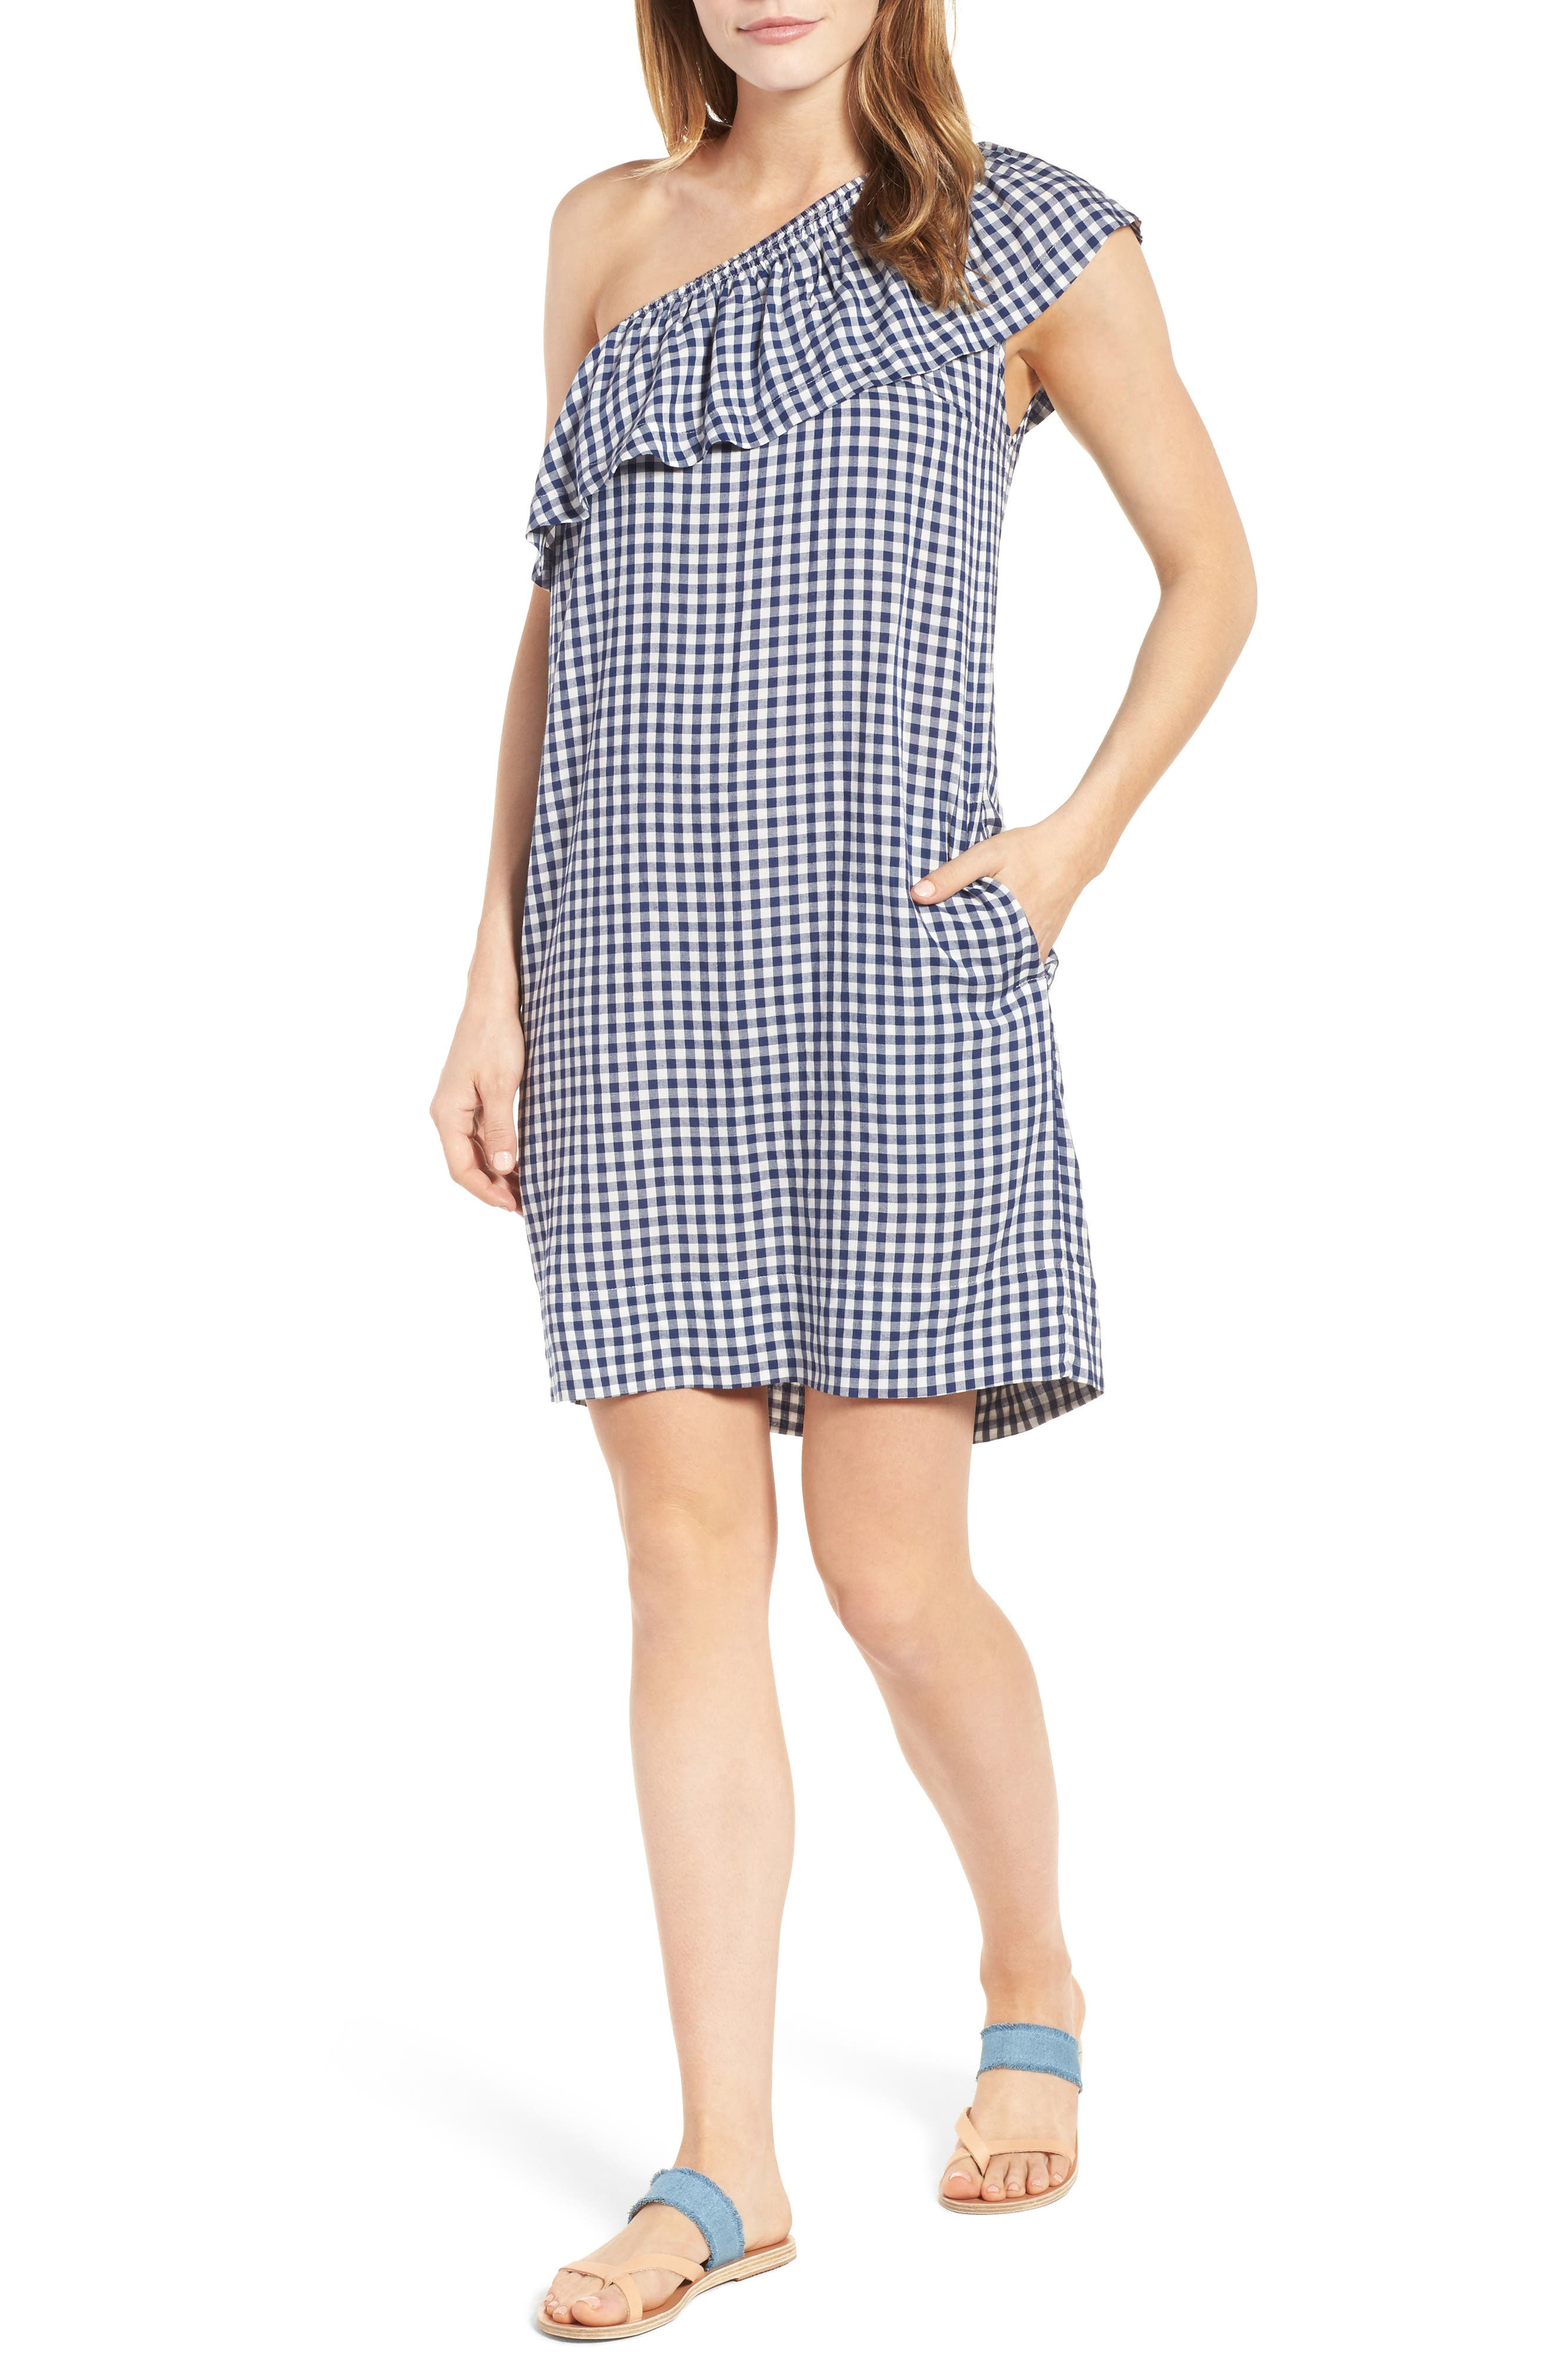 Alternate Image 1 Selected - Velvet by Graham & Spencer One-Shoulder Check Dress